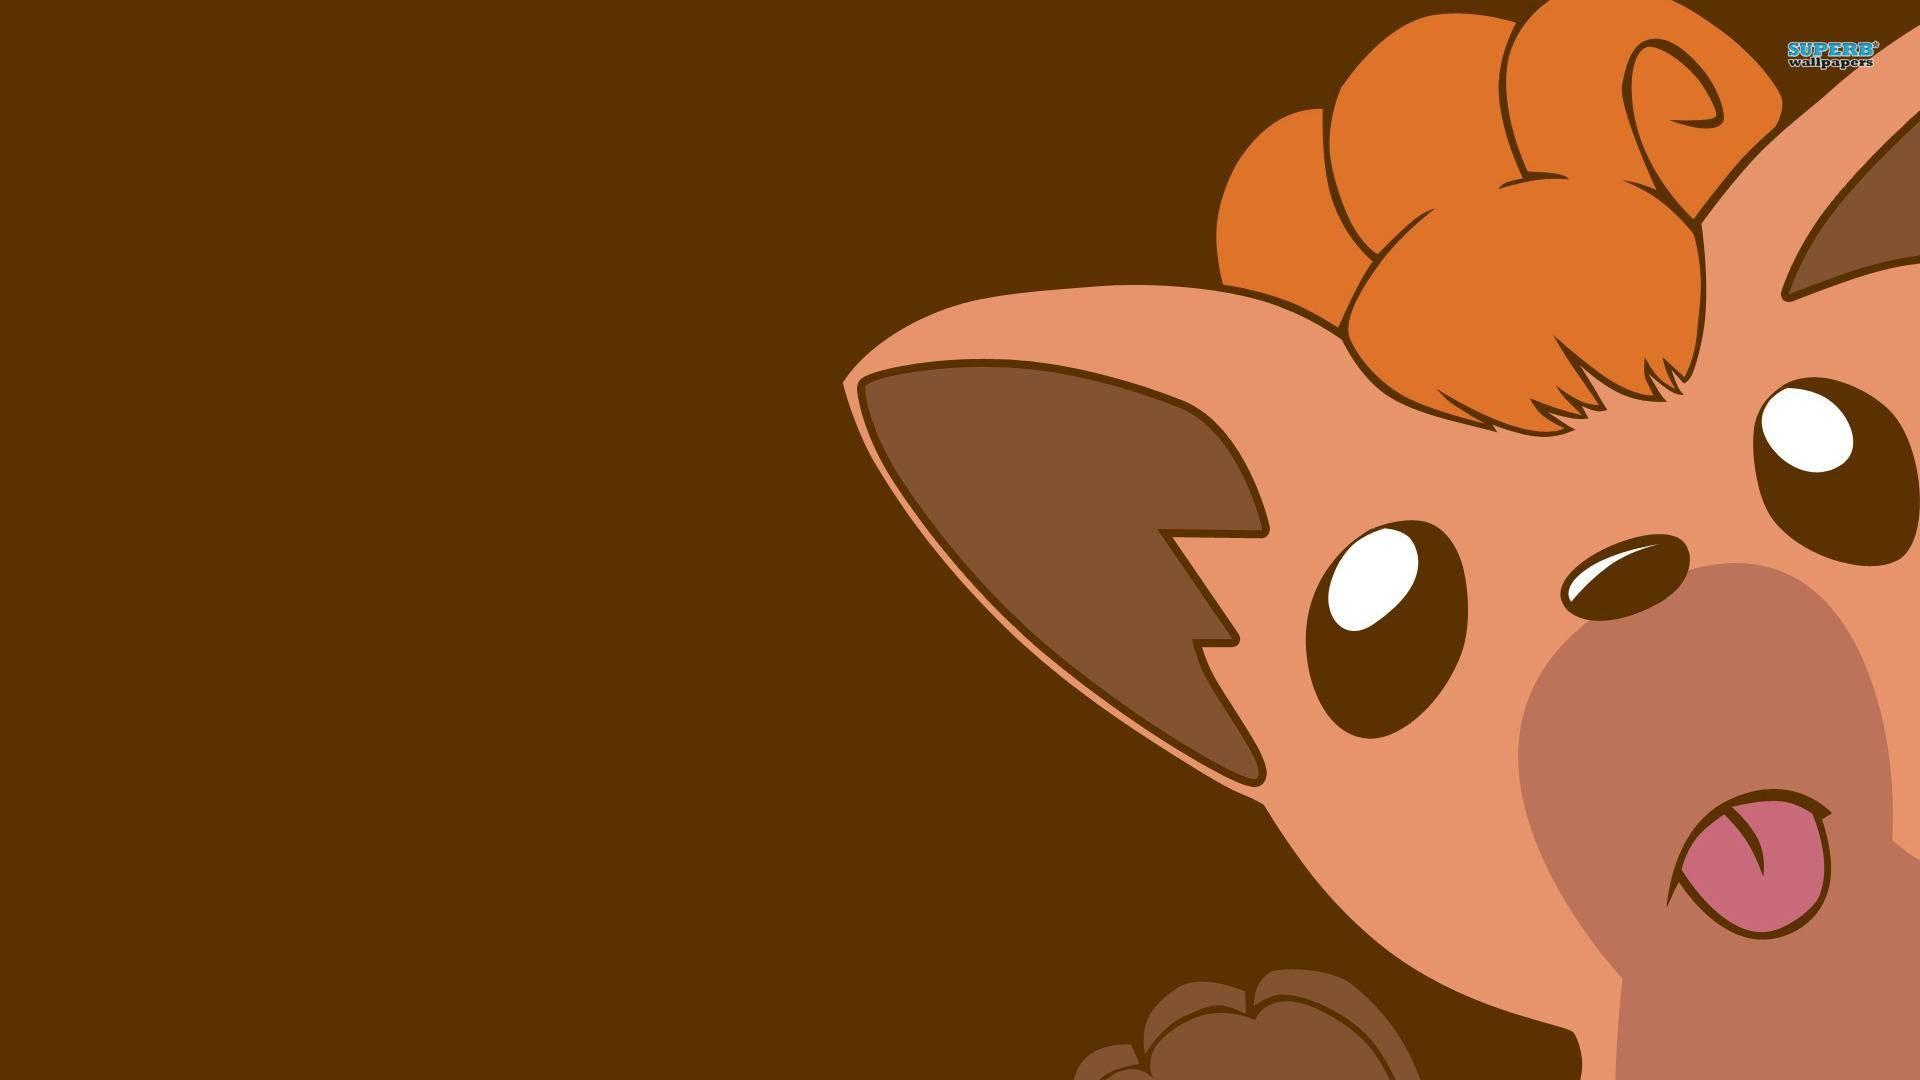 Cute Pokemon Wallpapers   Best HD Desktop Wallpapers, Widescreen .